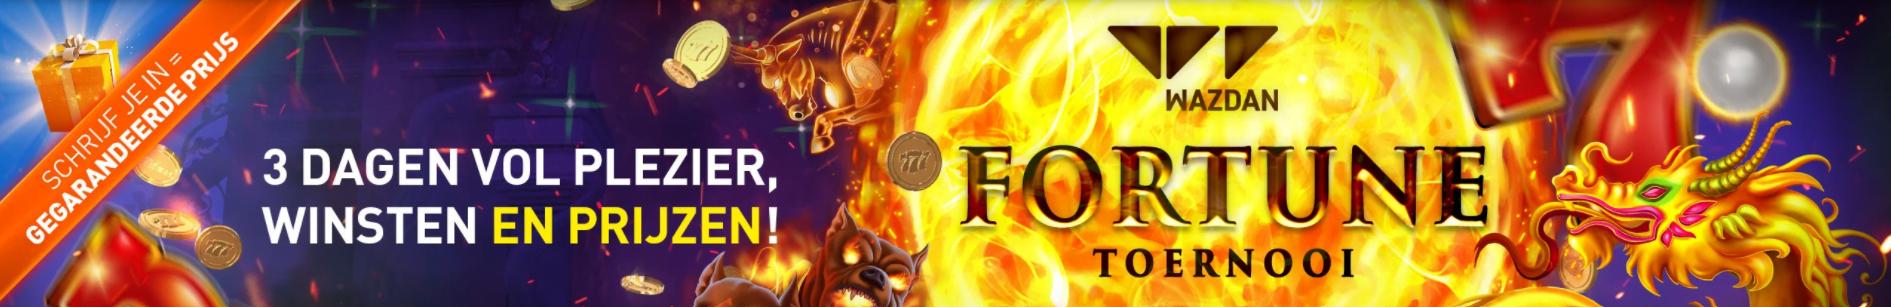 Wazdan Fortune toernooi gegarandeerde prijs online Casino 777 speelhal geldkluis tokens videoslot gokkast 2021